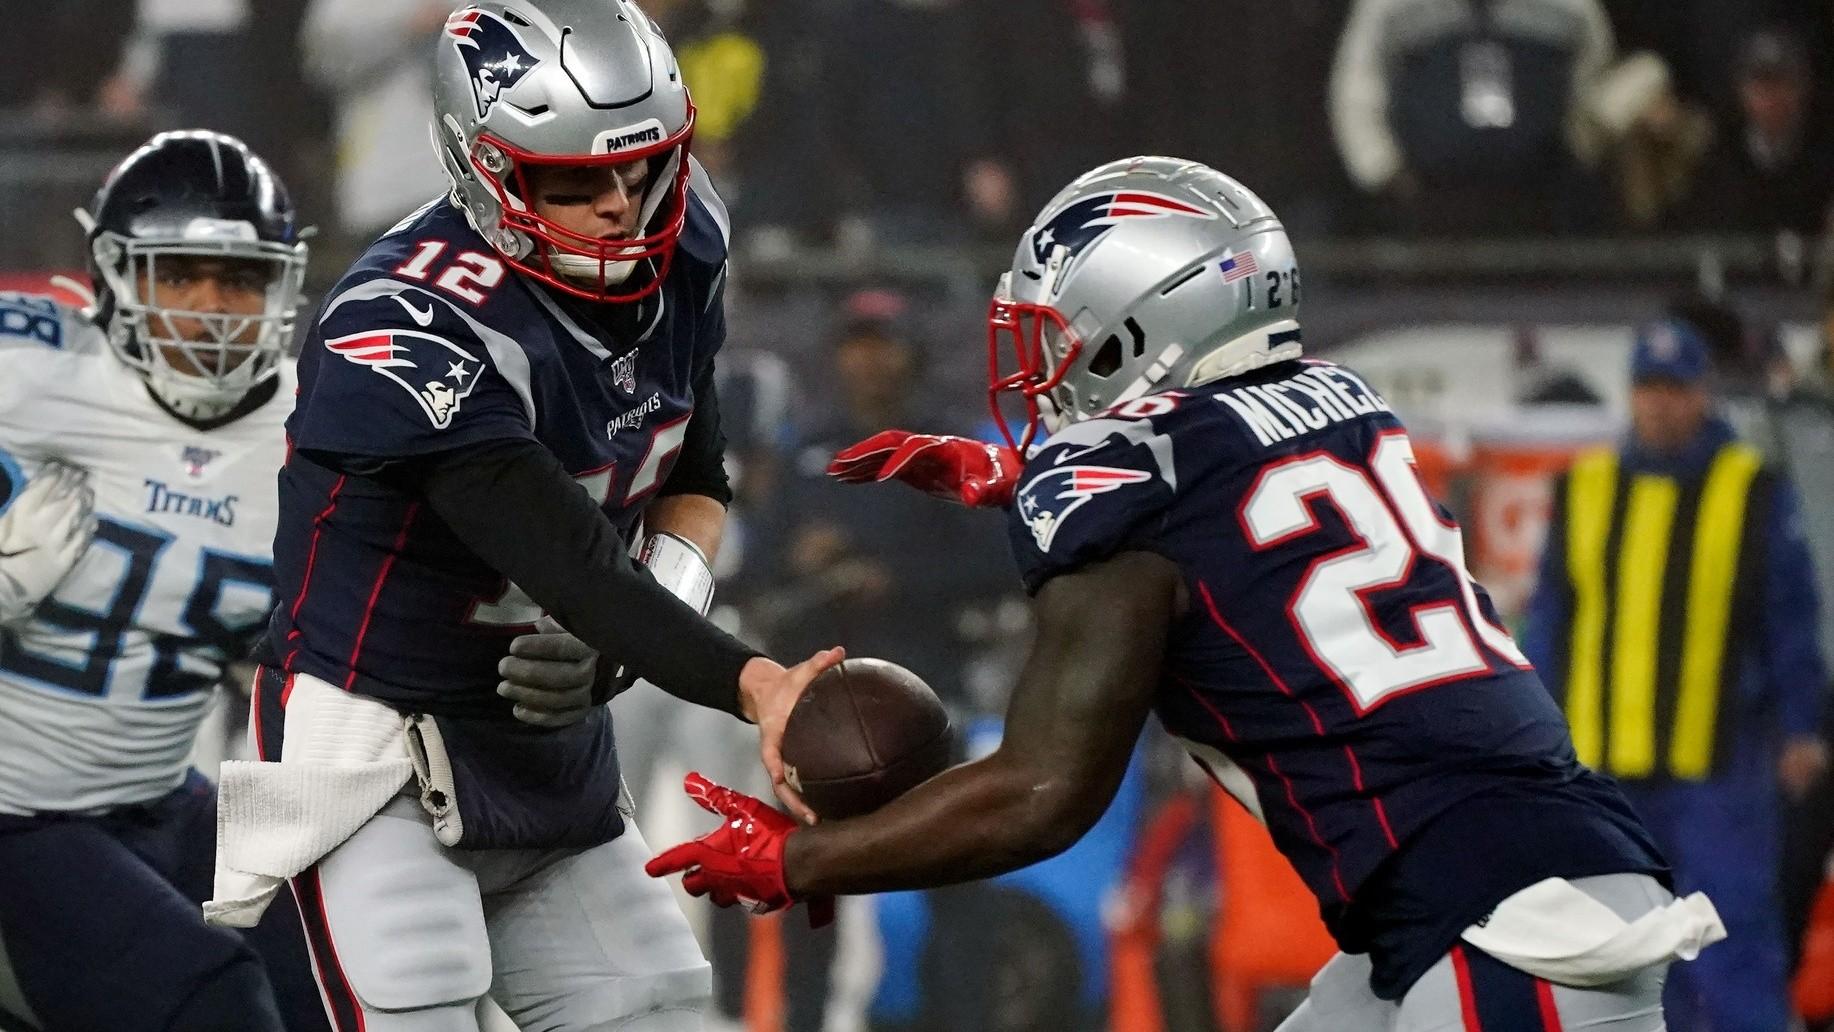 【回放】 NFL季后赛:比尔vs德州人 第1节_NFL全场回放